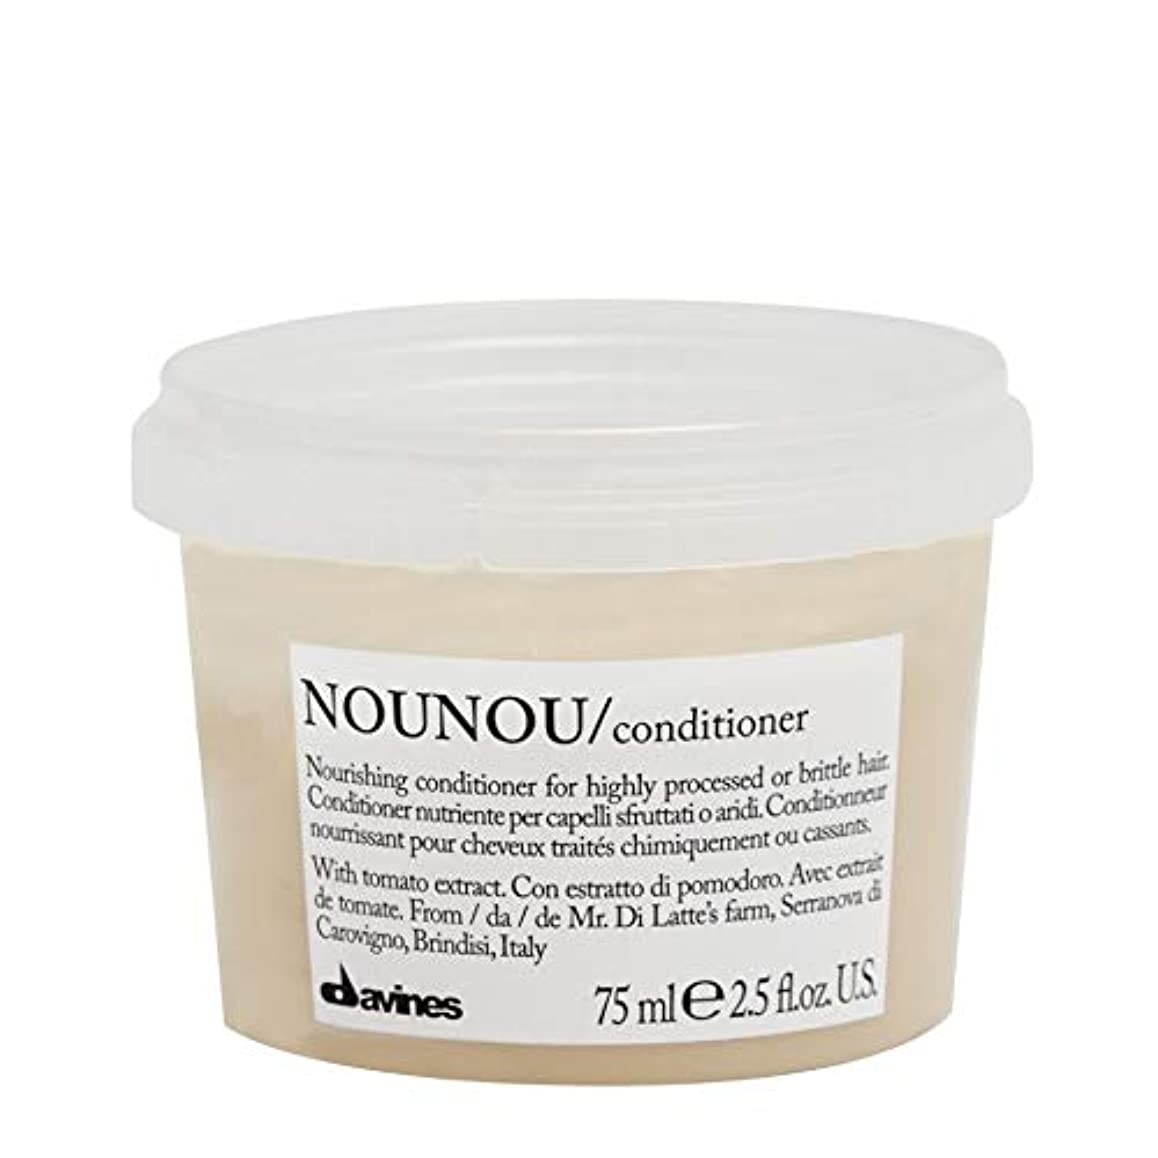 薄汚い付属品アクチュエータ[Davines ] ダヴィネスノウノウコンディショナー75ミリリットル - Davines NouNou Conditioner 75ml [並行輸入品]